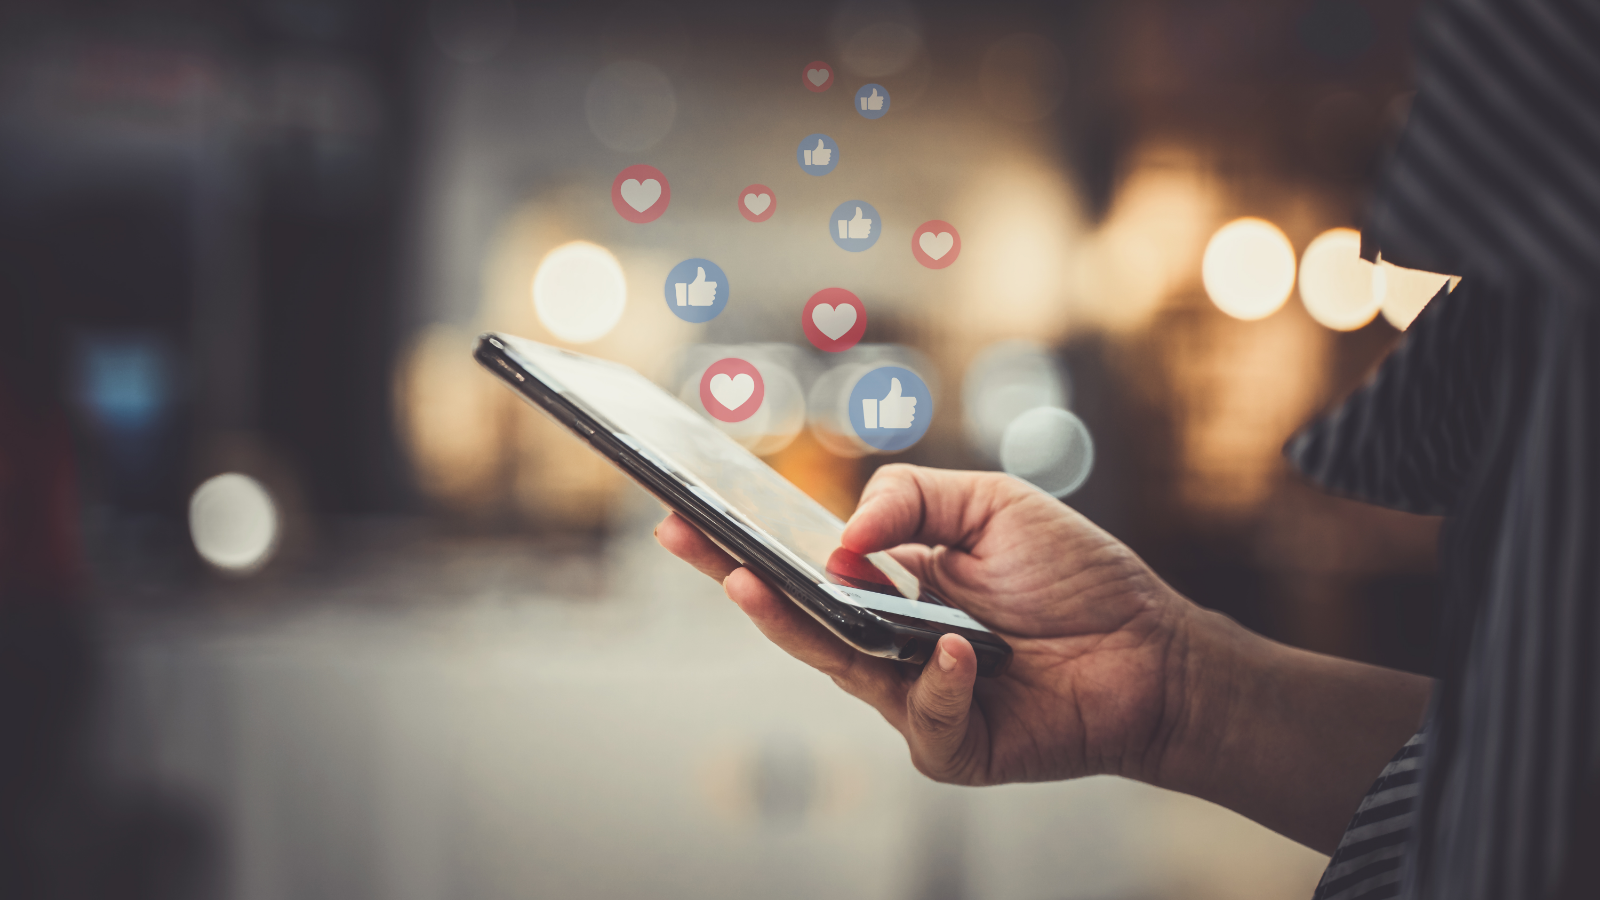 Közösségi média - 9 jóslat 2021-re! - FutureManagement - Online Marketing Ügynökség